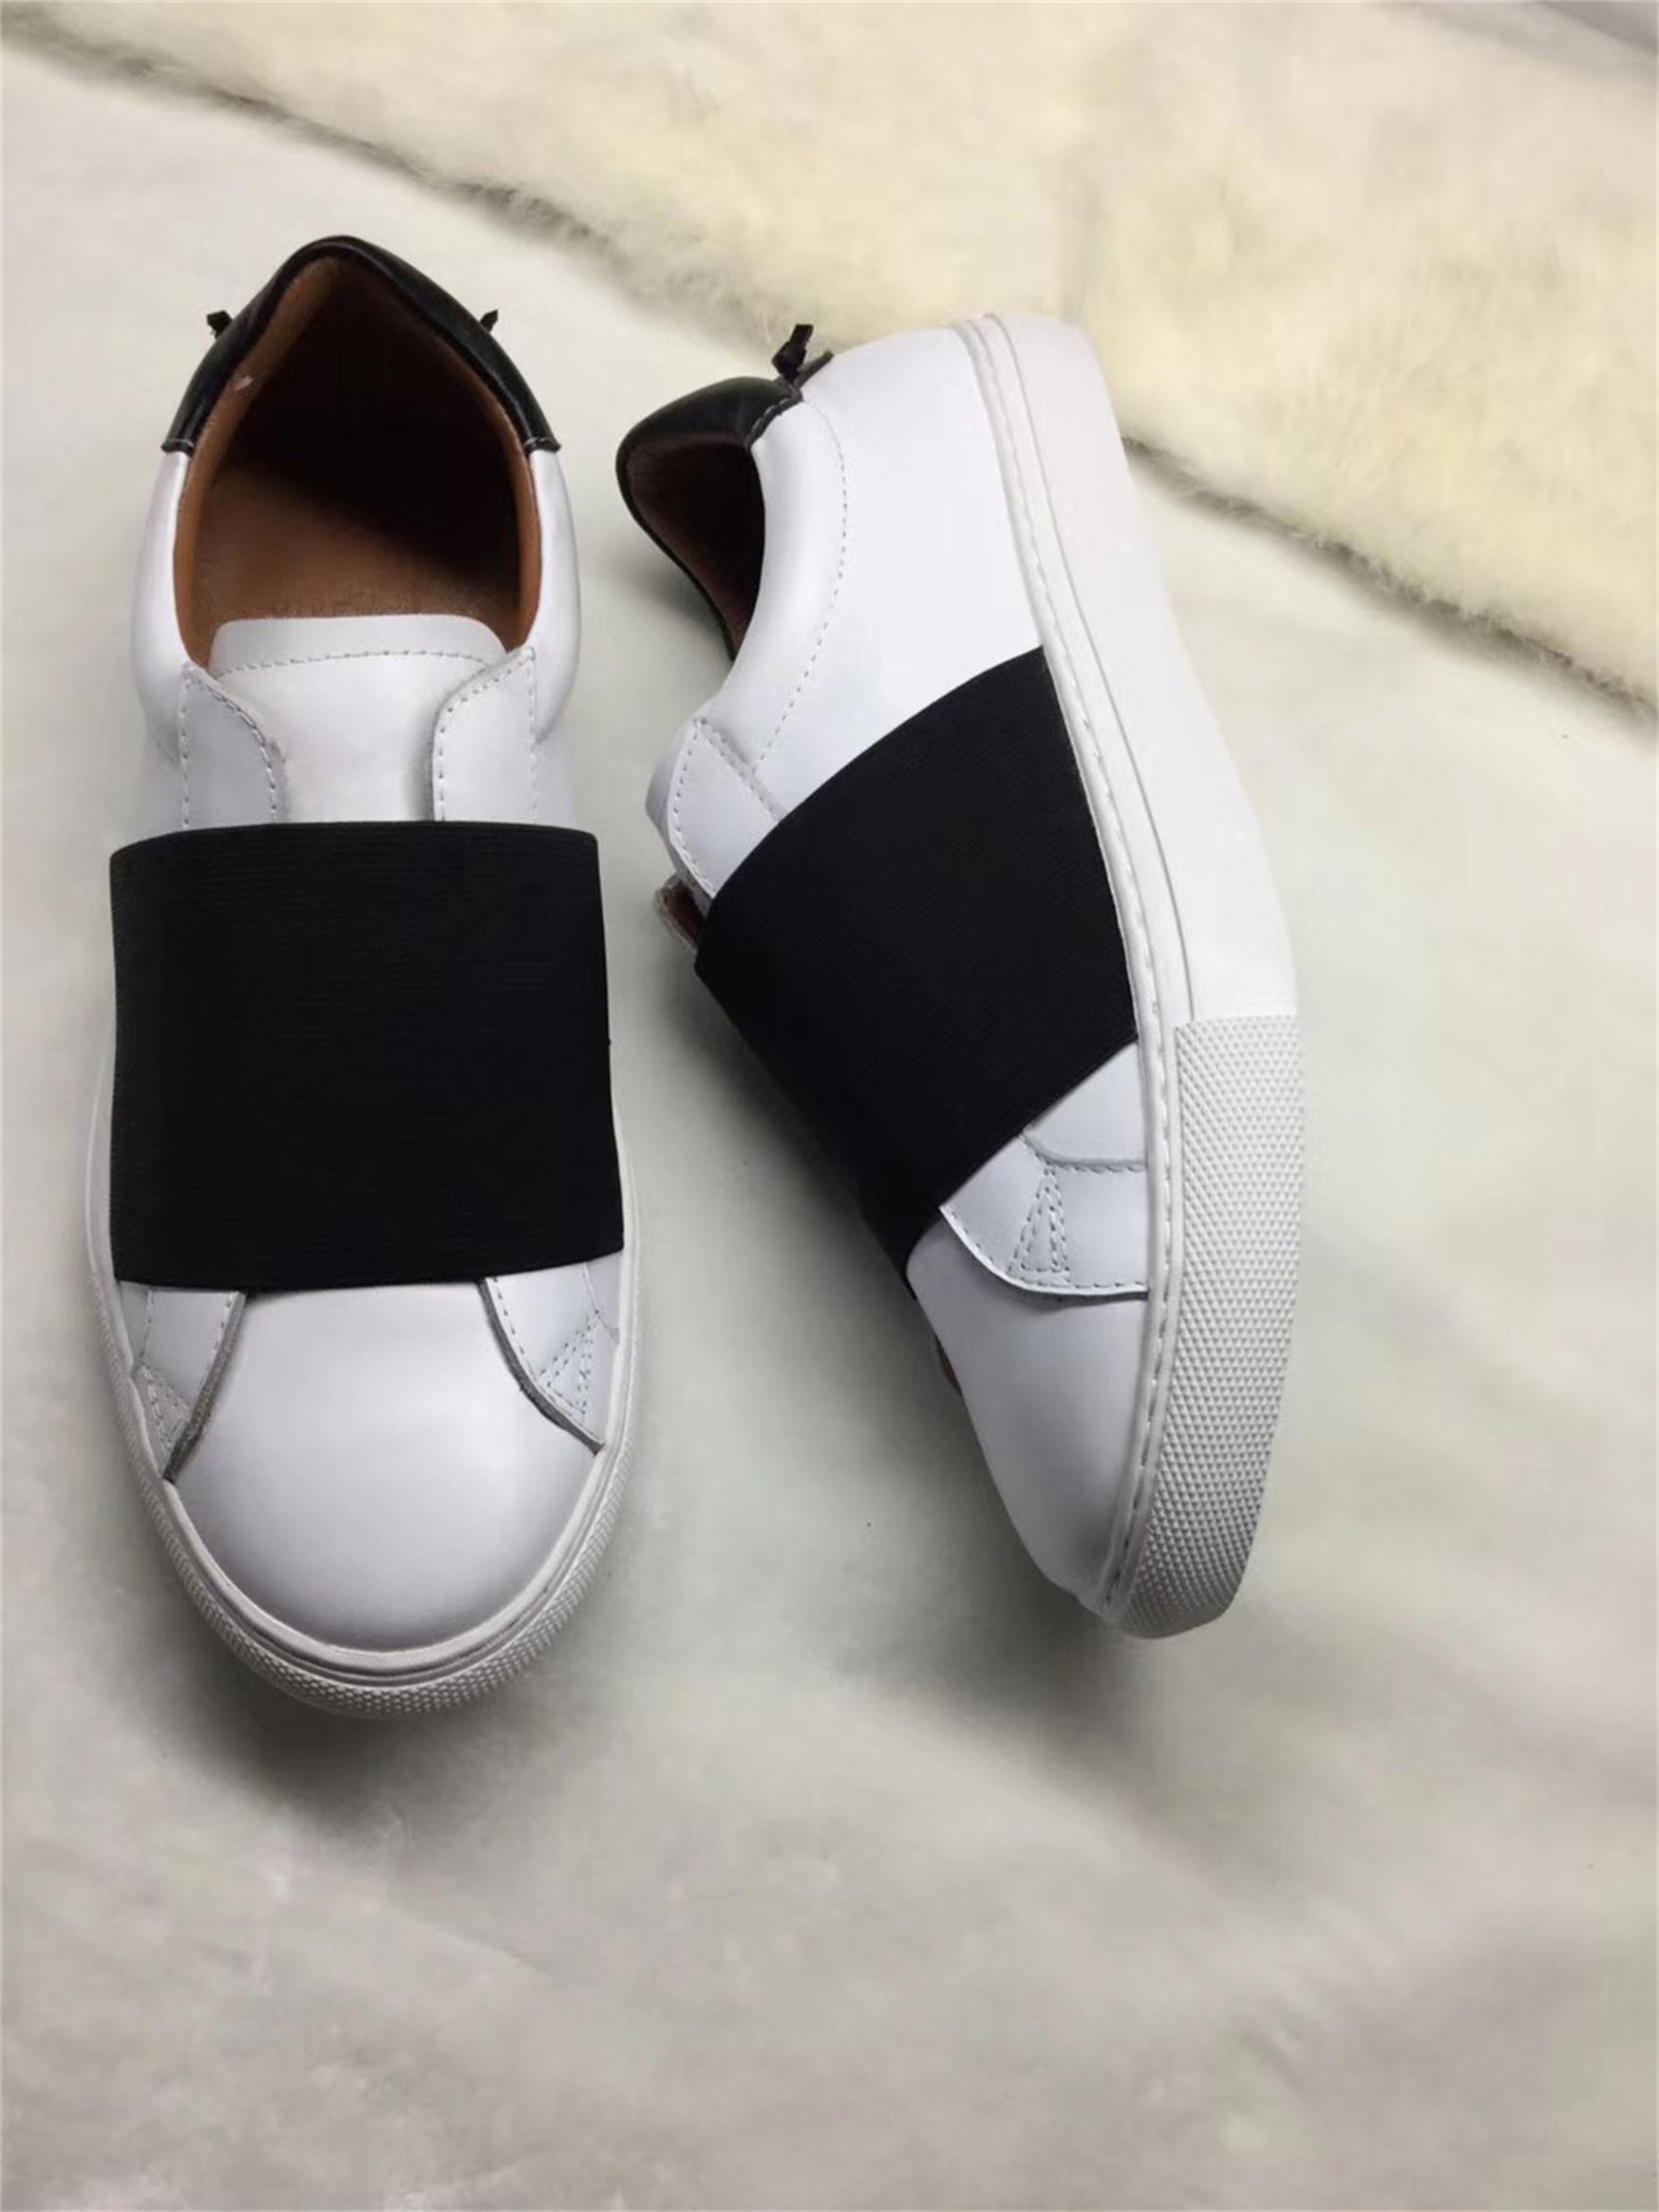 Модельер мужская повседневная обувь PARIS кожи с эластичным ремешком кроссовок для мужчин, женщин размер 34-46